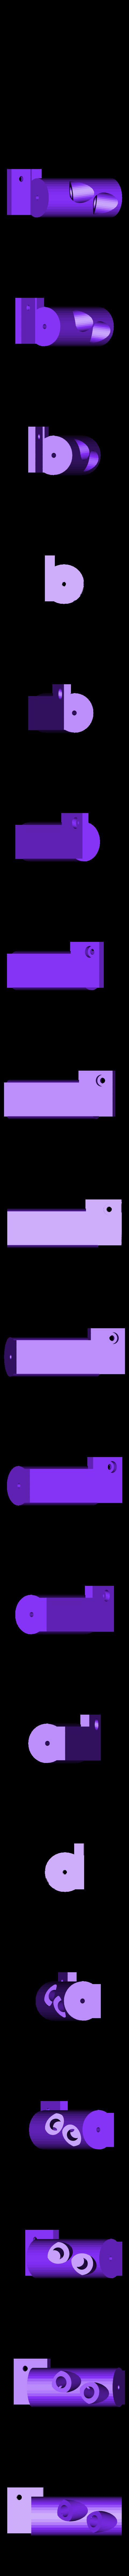 FeltMarkerTopper.stl Télécharger fichier STL gratuit Méga feutre marqueur Topper • Plan pour impression 3D, DelhiCucumber